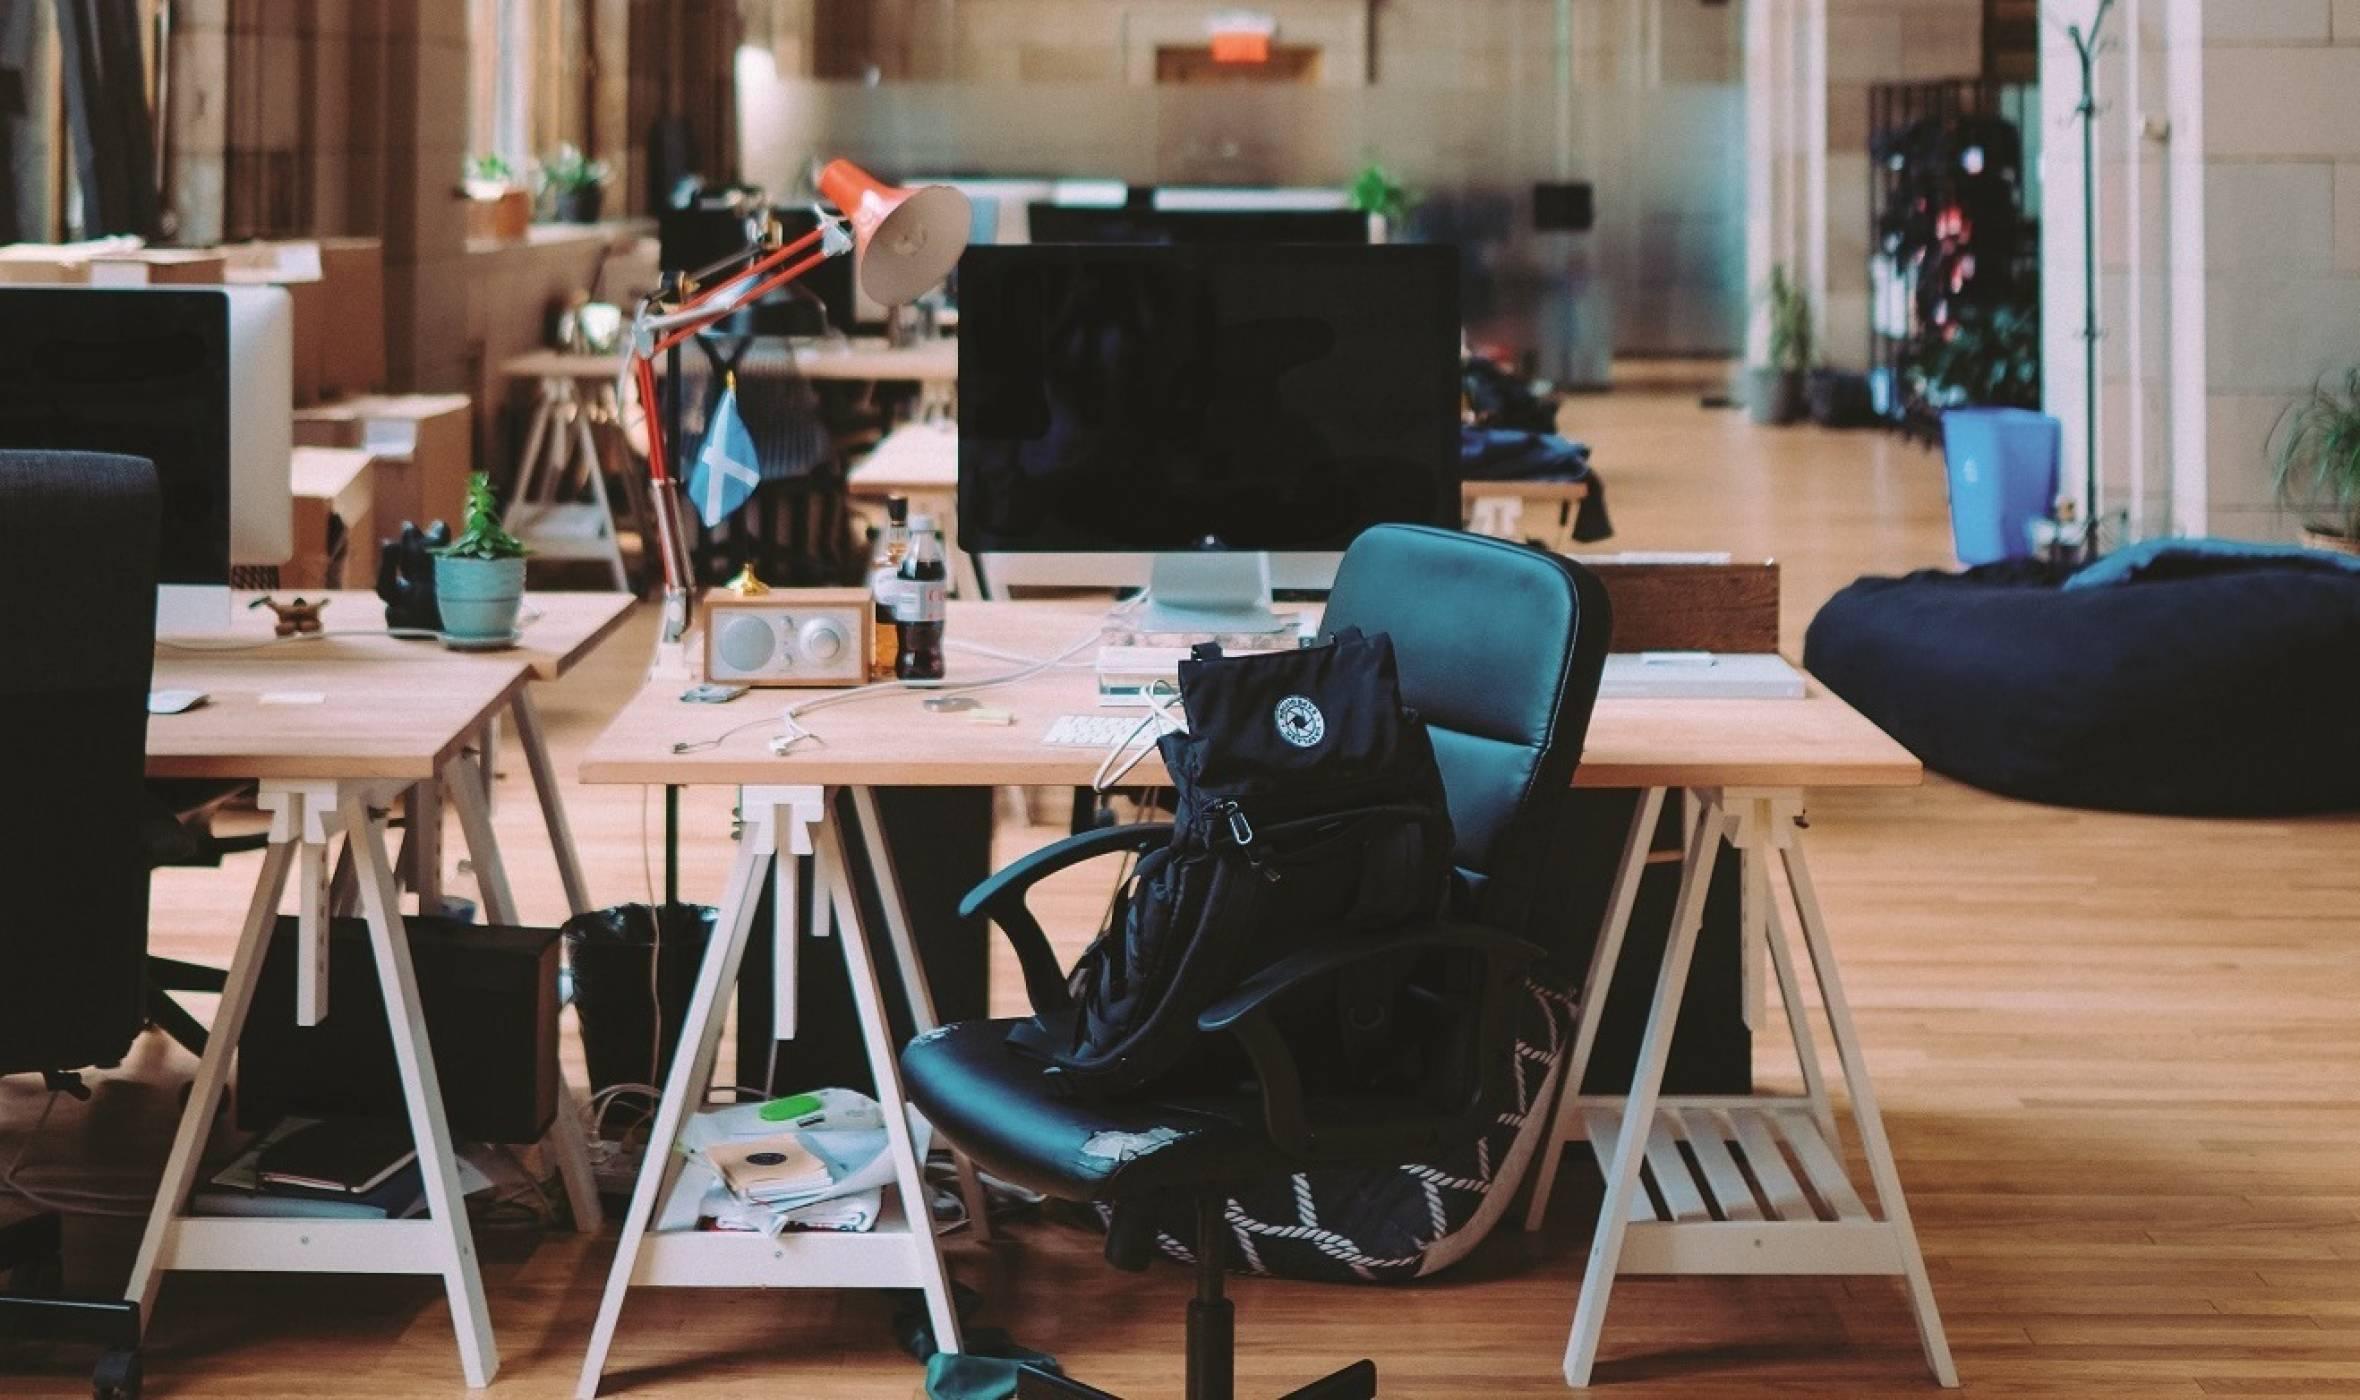 Back to Business: 21 практични идеи за офиса и бизнеса